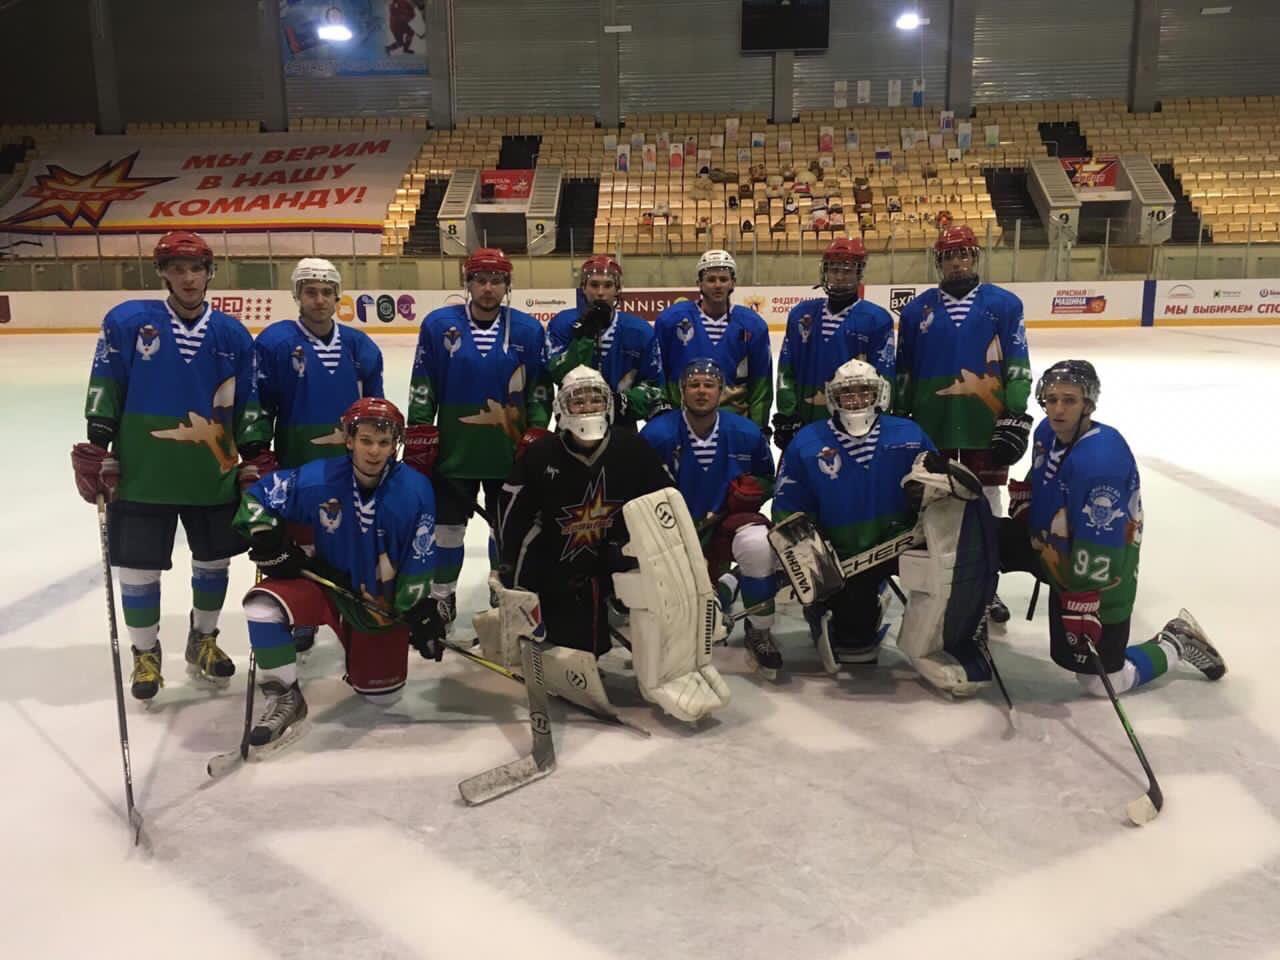 Команда «Союза десантников Удмуртии» по хоккею нарабатывает связки и командную игру